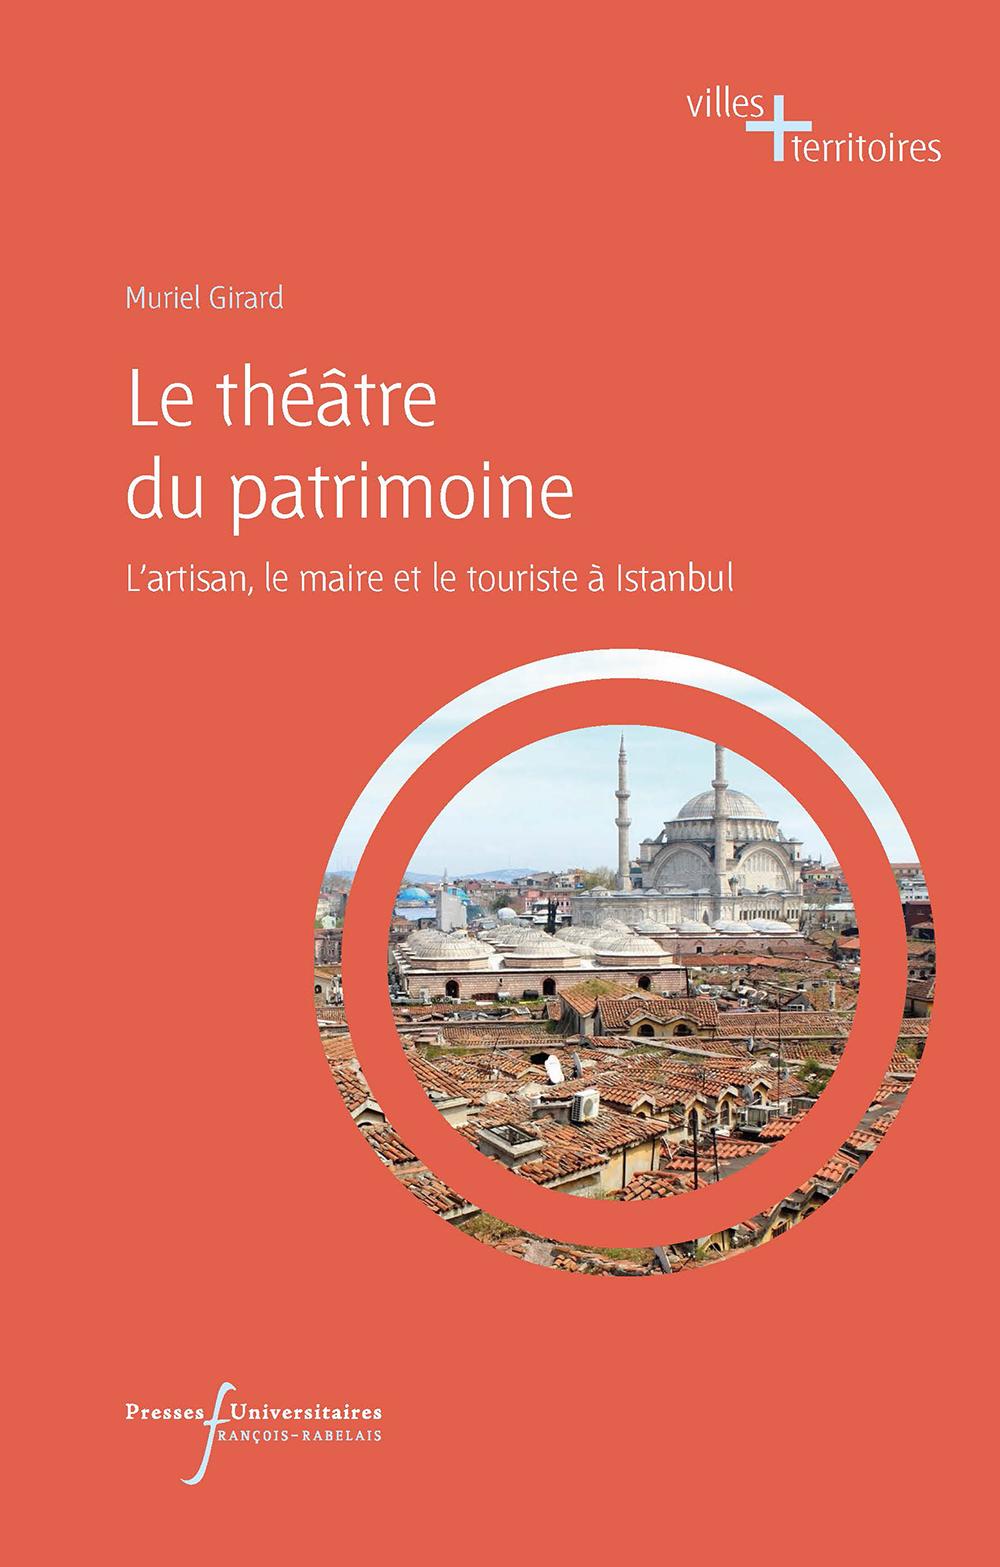 Le théâtre du patrimoine